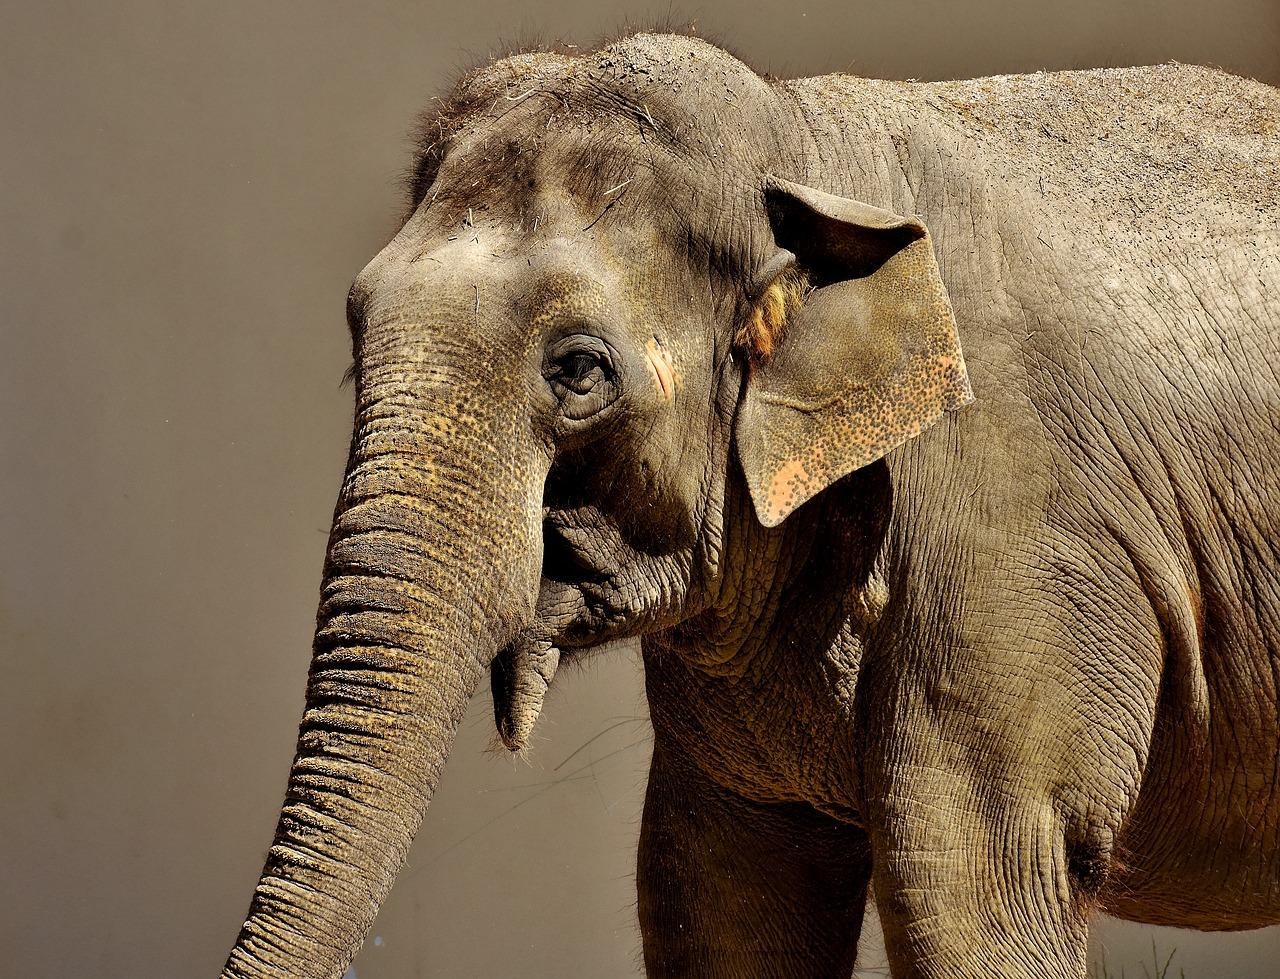 Návštěvníci zlínské zoo zakusí cestu po safari a další africké atrakce